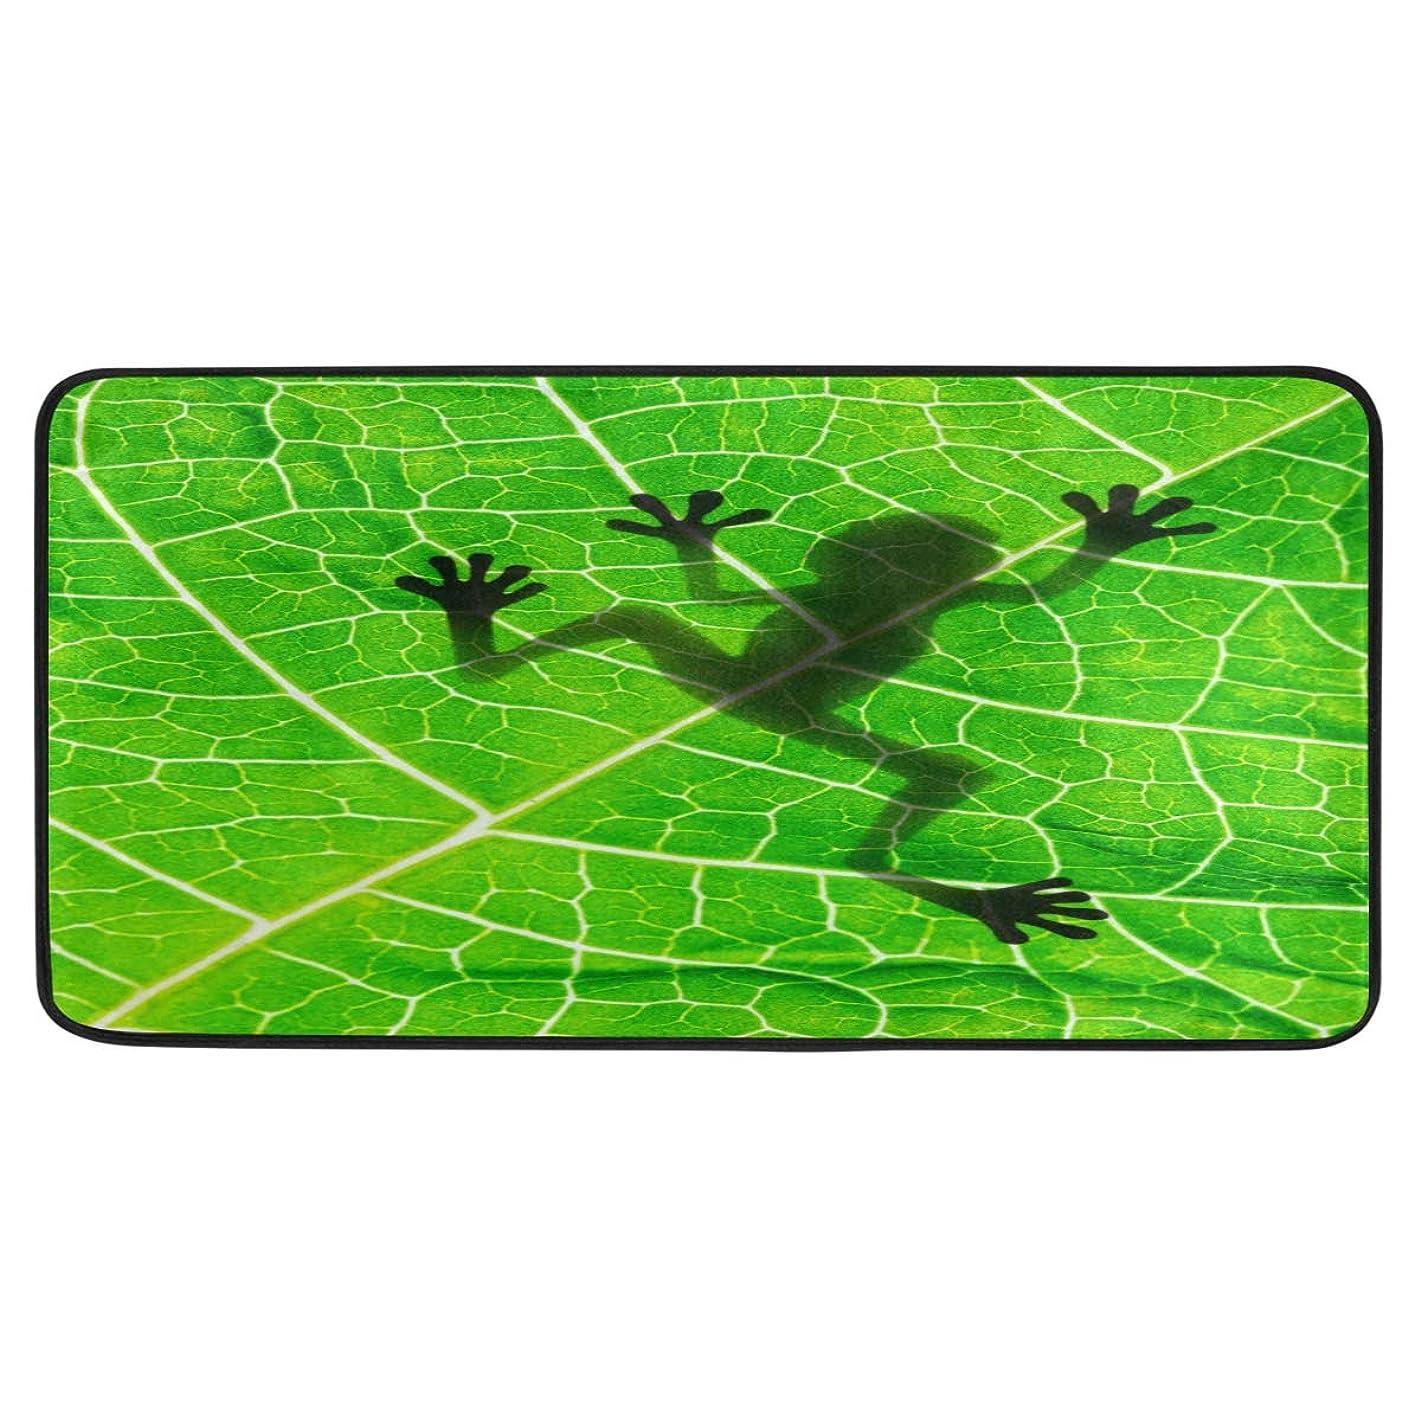 修正する農業のまた明日ねキッチンマット 廊下マット 台所マット 玄関マット カエル 葉 洗える 滑り止め 掃除易い 毛玉になりにくい